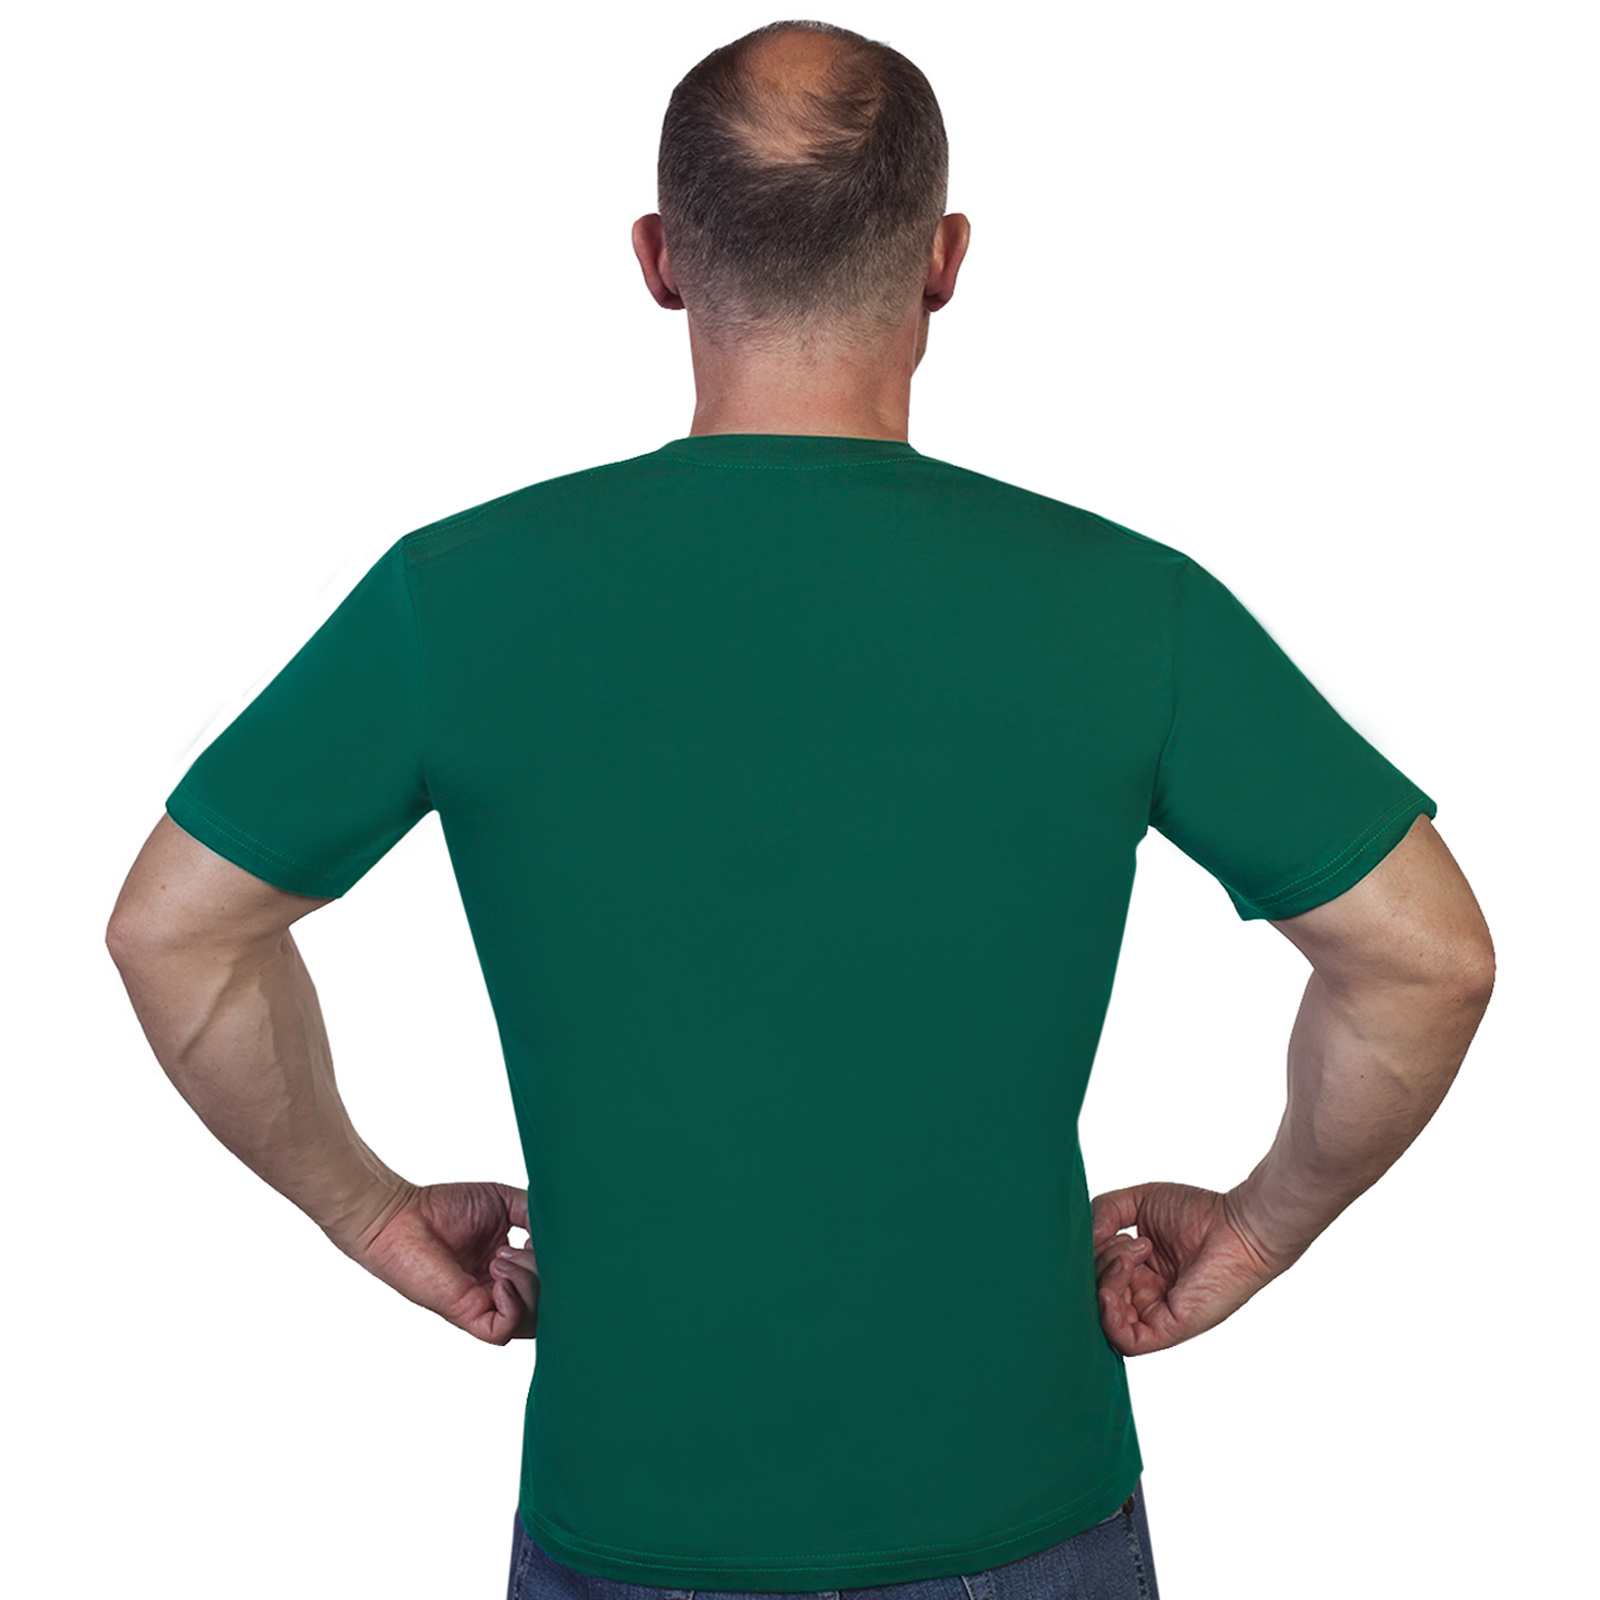 Пограничная зелёная футболка с шевроном КППО - высокое качество